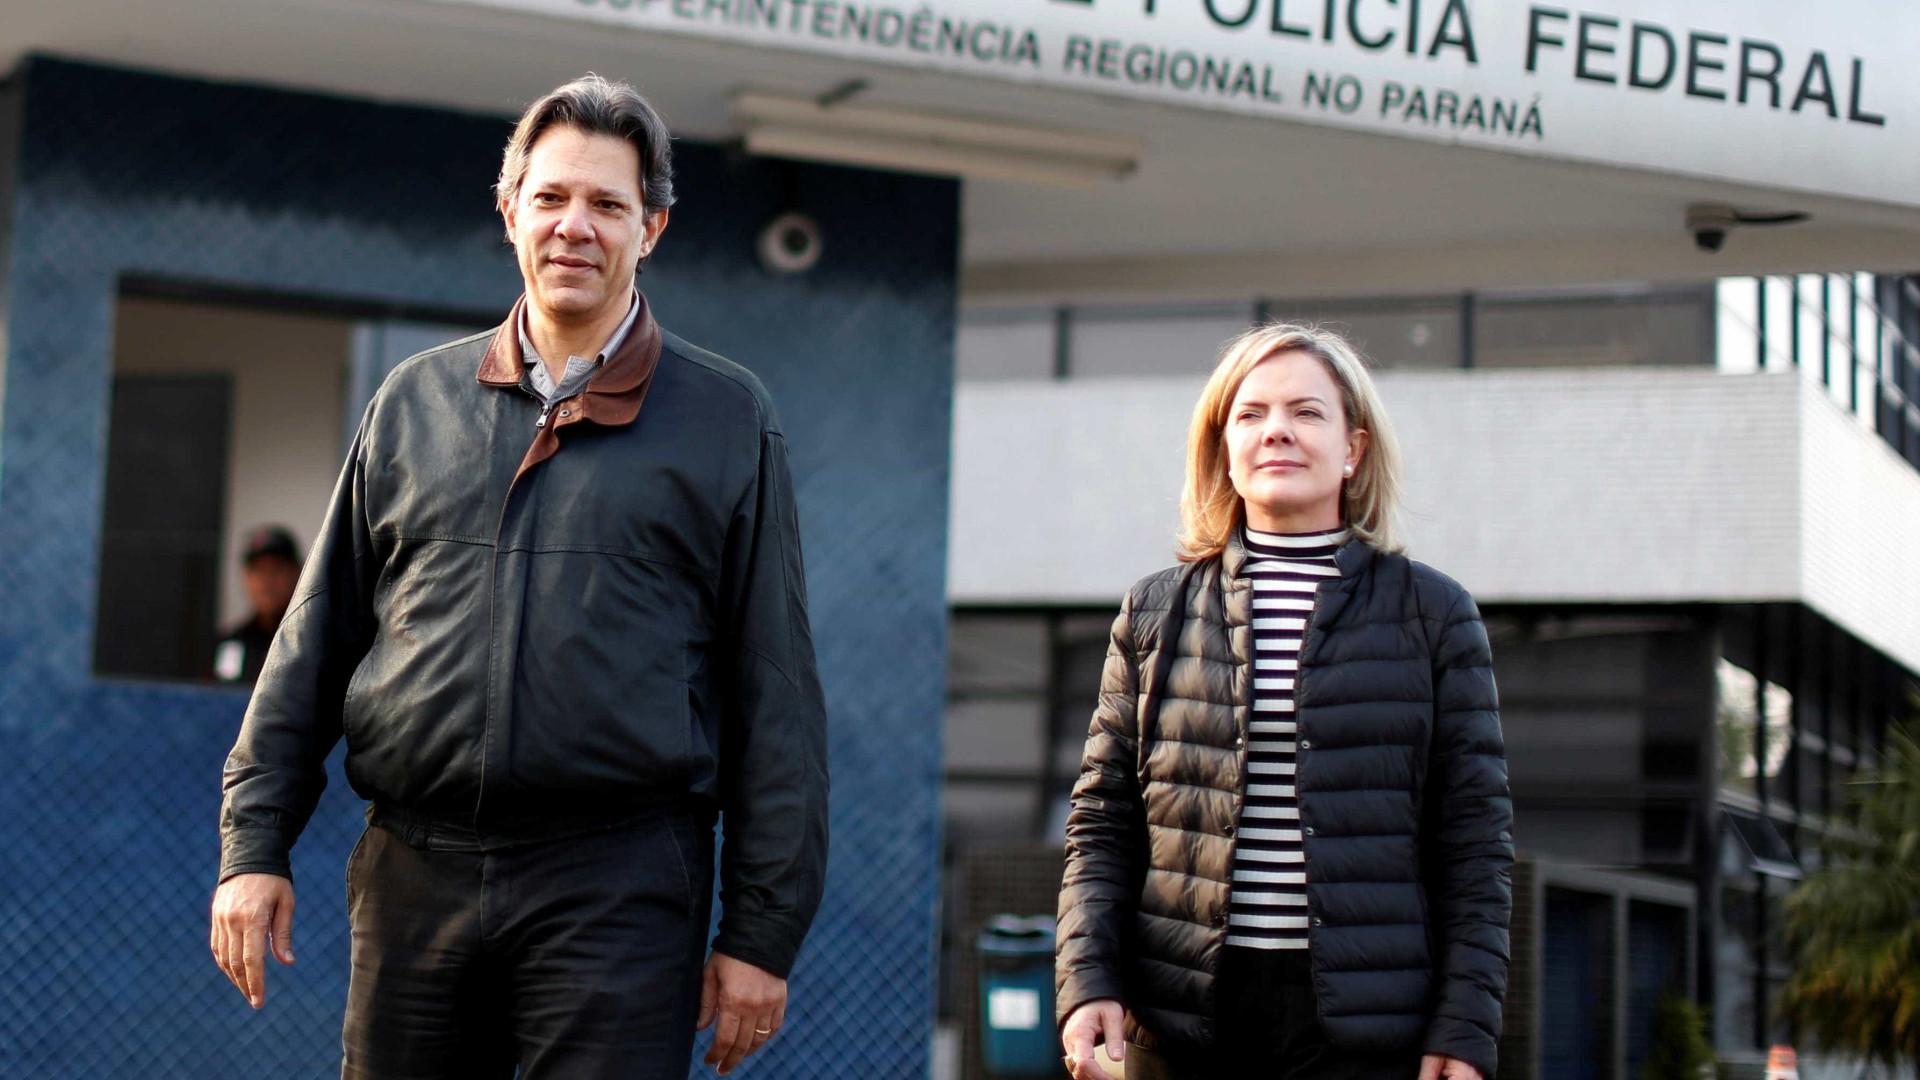 Gleisi defende Haddad nos debates se Lula for impedido de participar